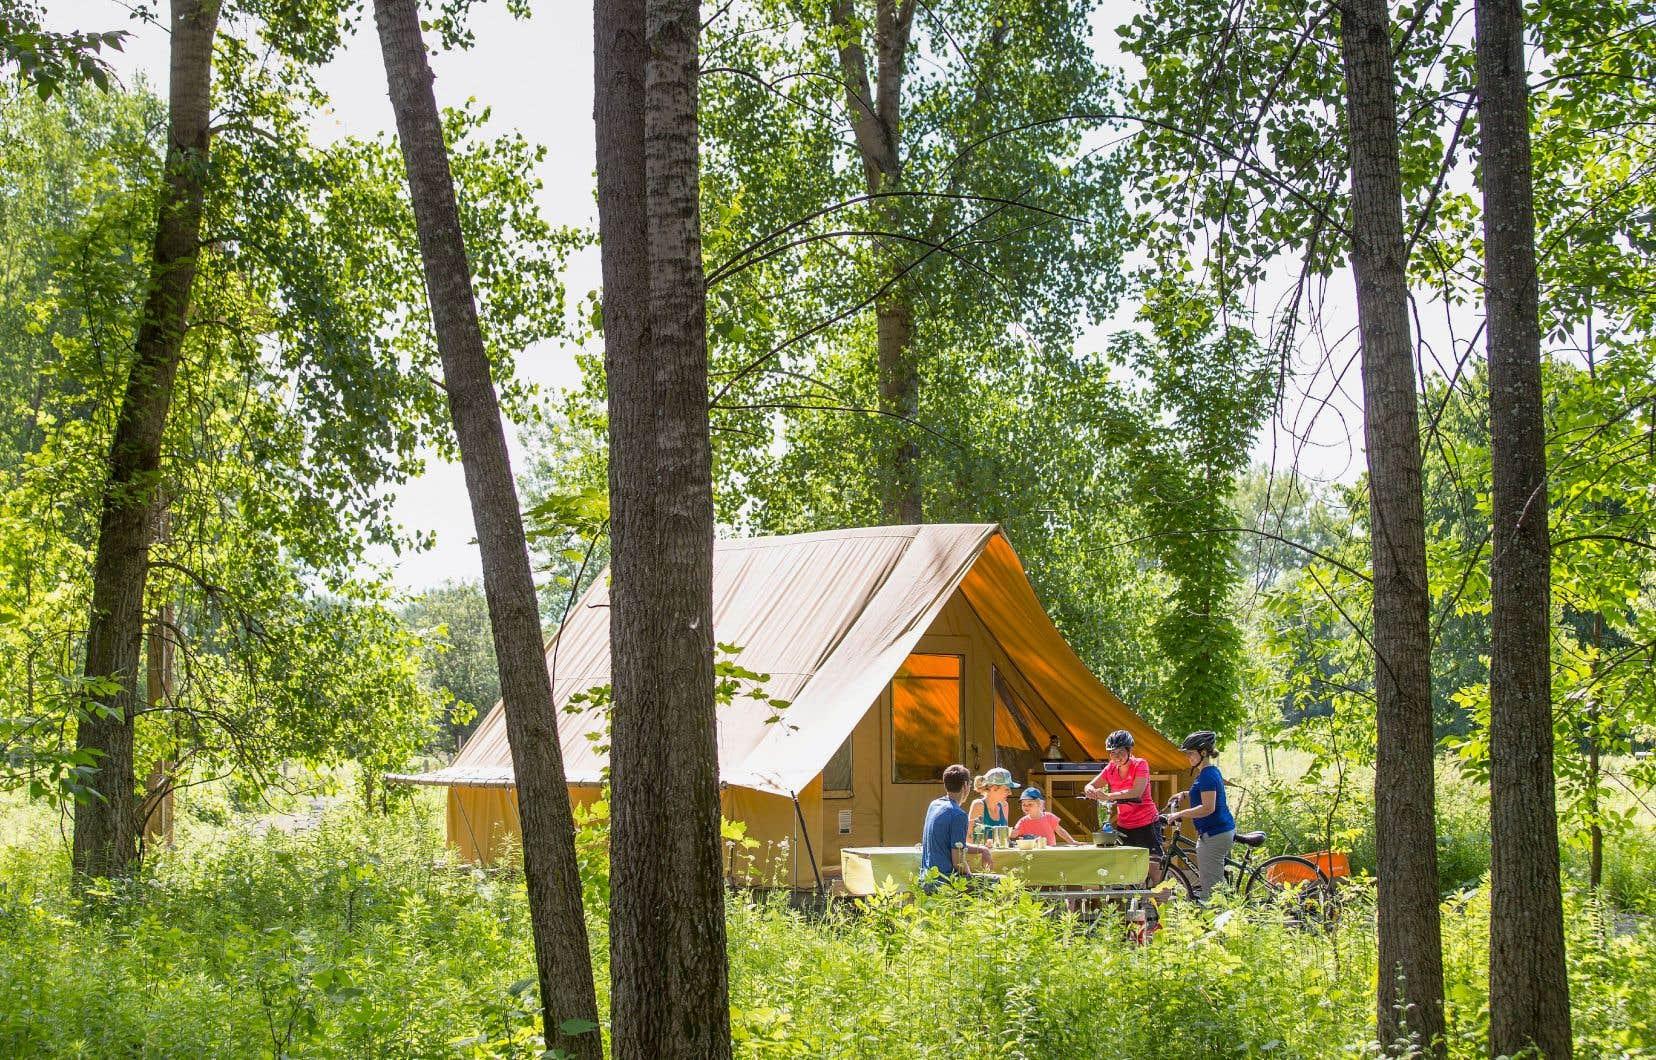 Depuis cette année, Parcs Québec produit ses propres tentes, baptisées Étoile, une version cubique d'Huttopia et d'une capacité d'accueil de six personnes. Sept parcs nationaux offrent déjà 57 tentes Étoile.